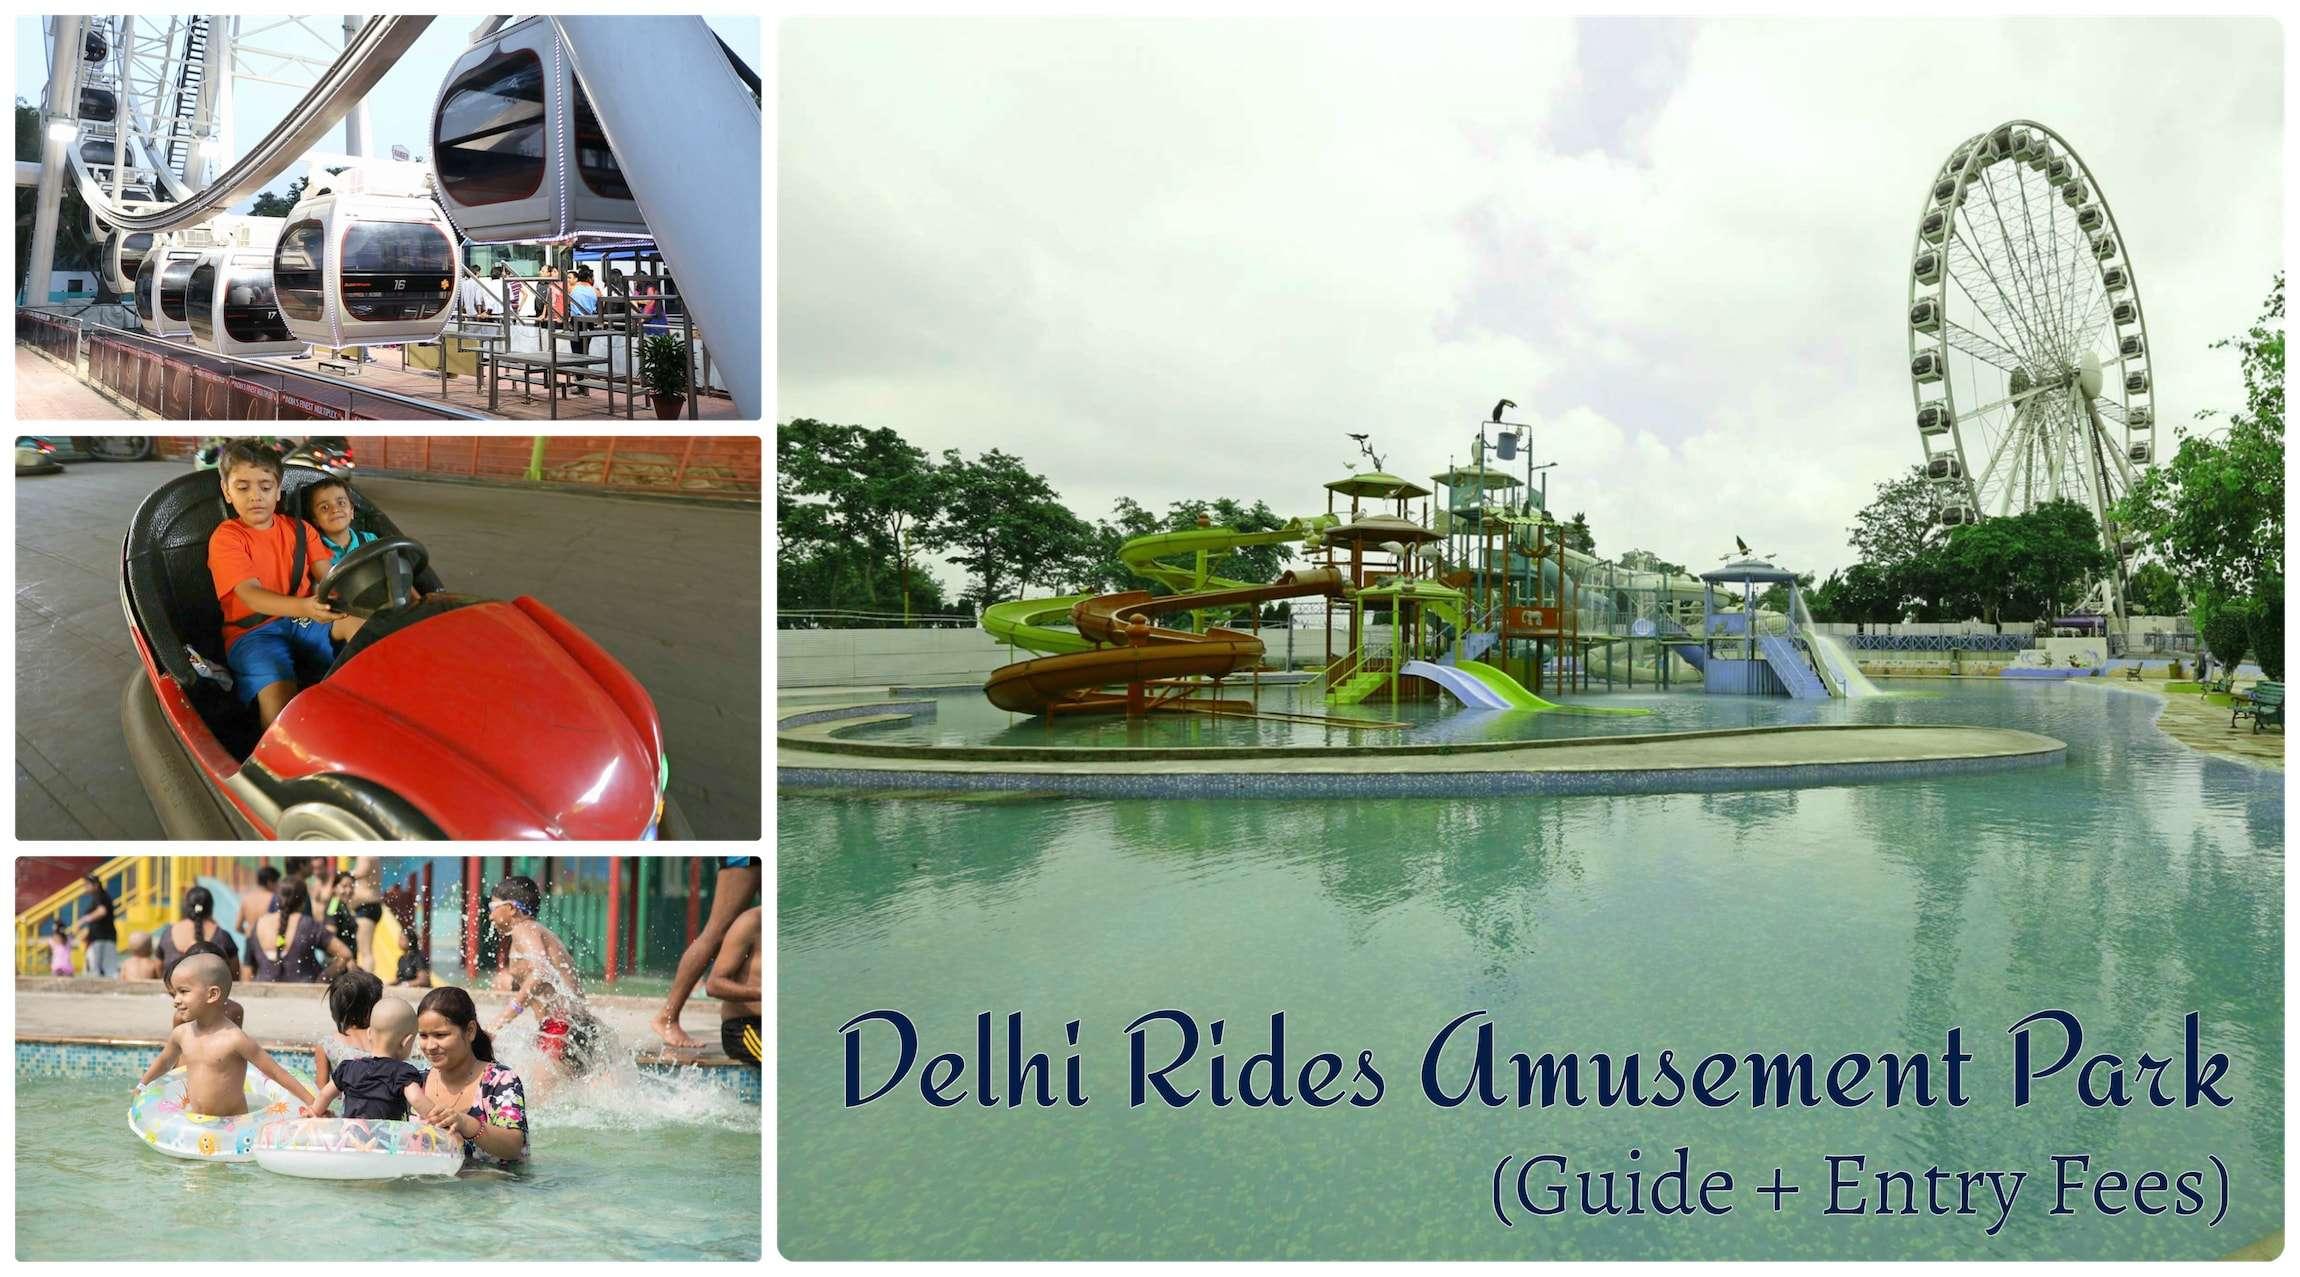 Delhi-rides-amusement-park.jpg